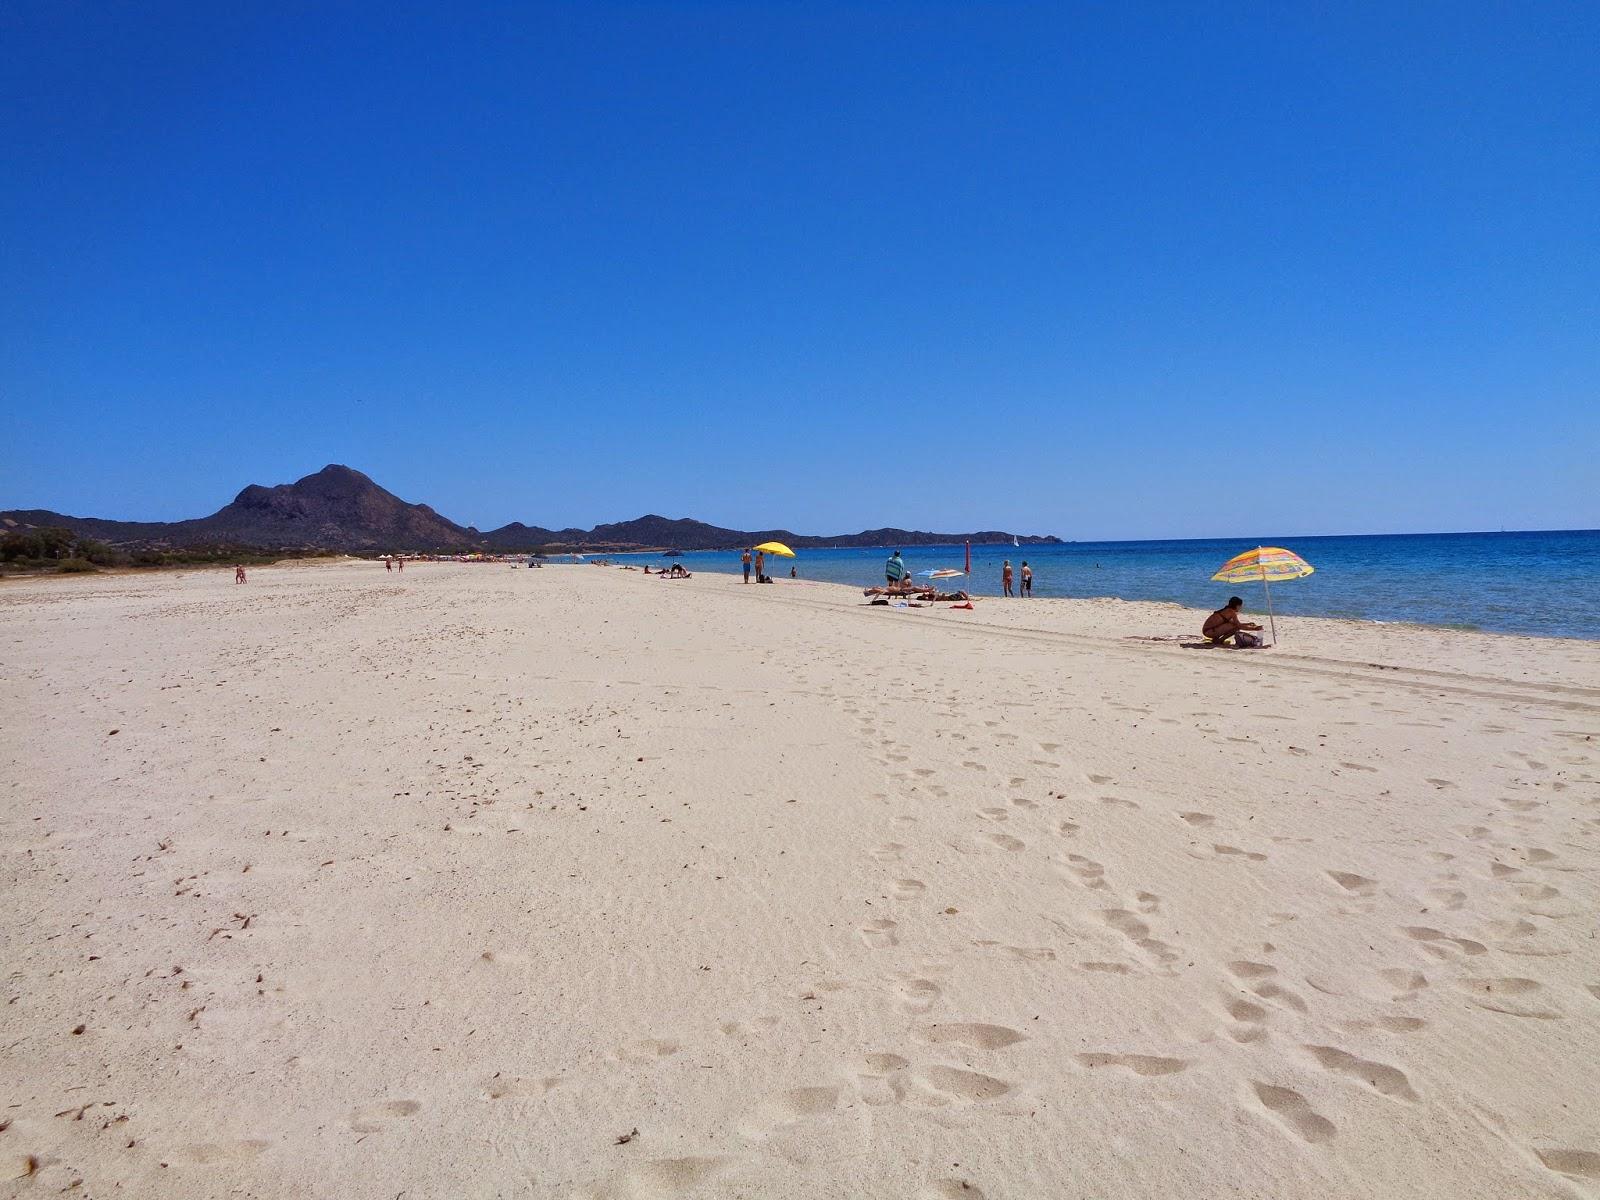 Non solo cucine isolane foto delle mie vacanze in sardegna - Spiaggia piscina rei ...